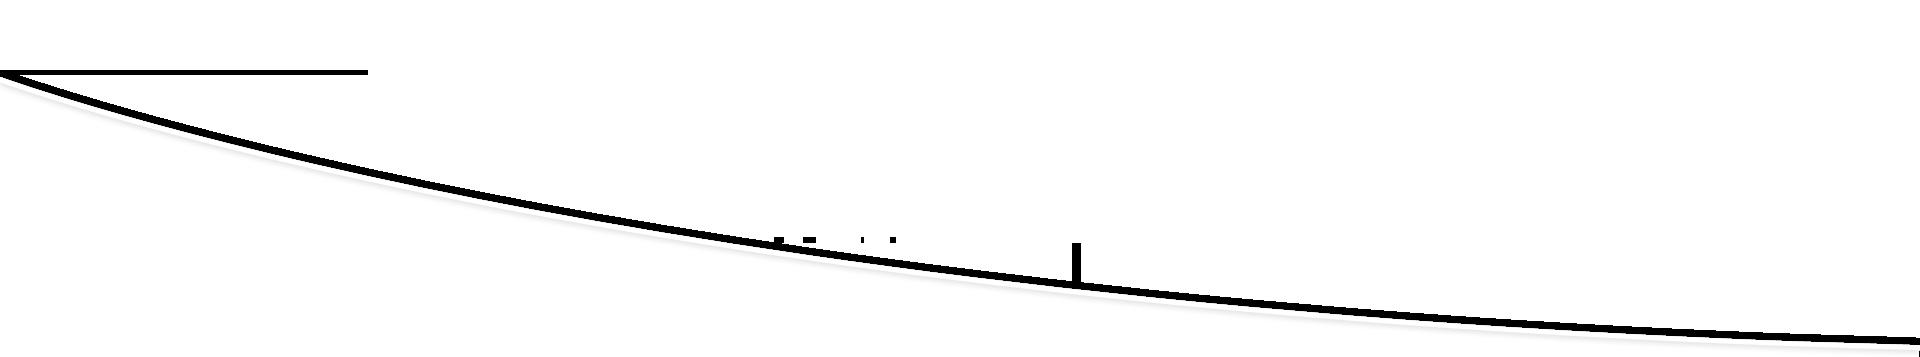 slider overlay